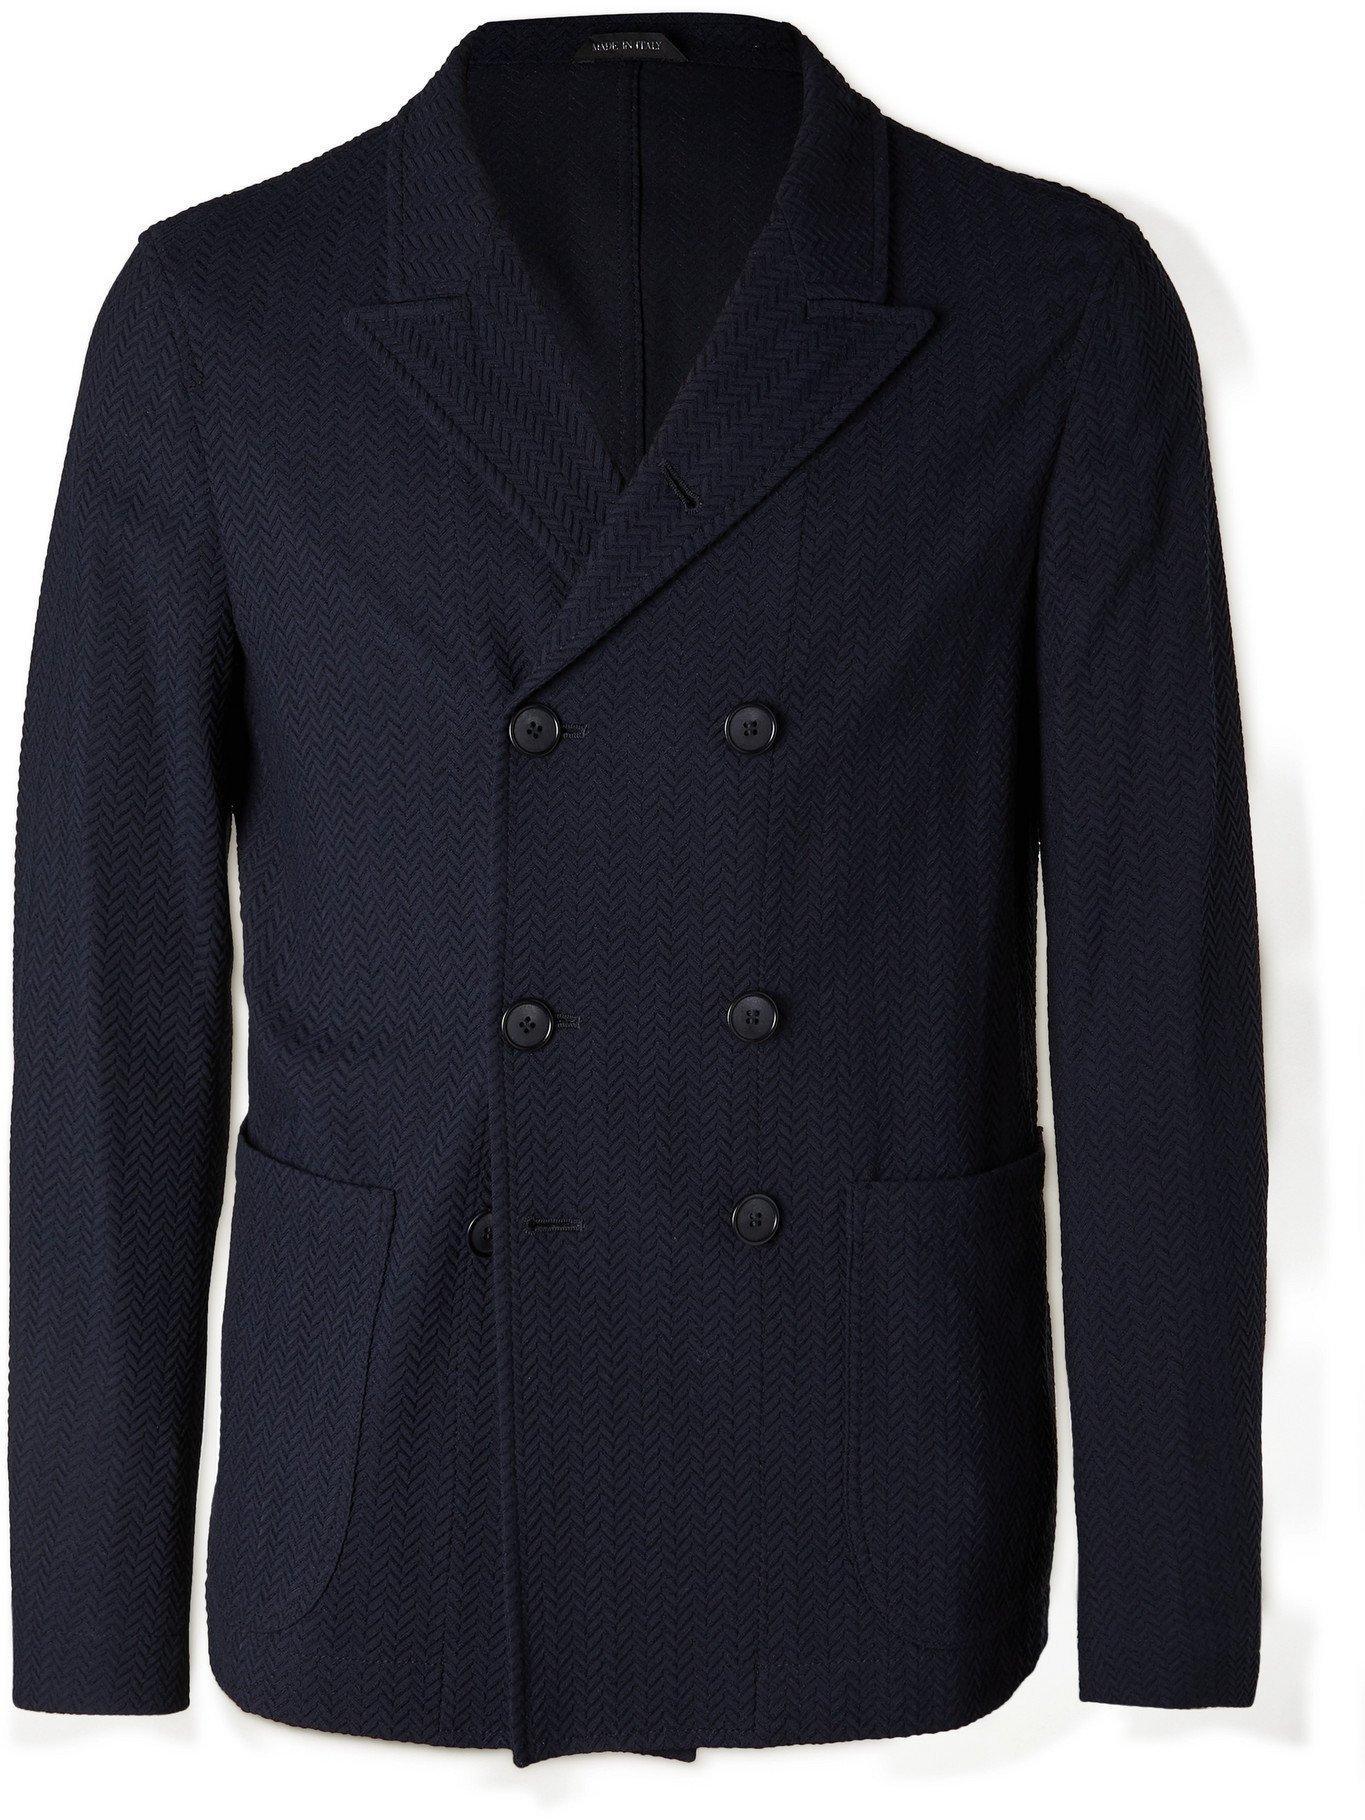 GIORGIO ARMANI - Slim-Fit Double-Breasted Herringbone Woven Blazer - Blue - IT 46